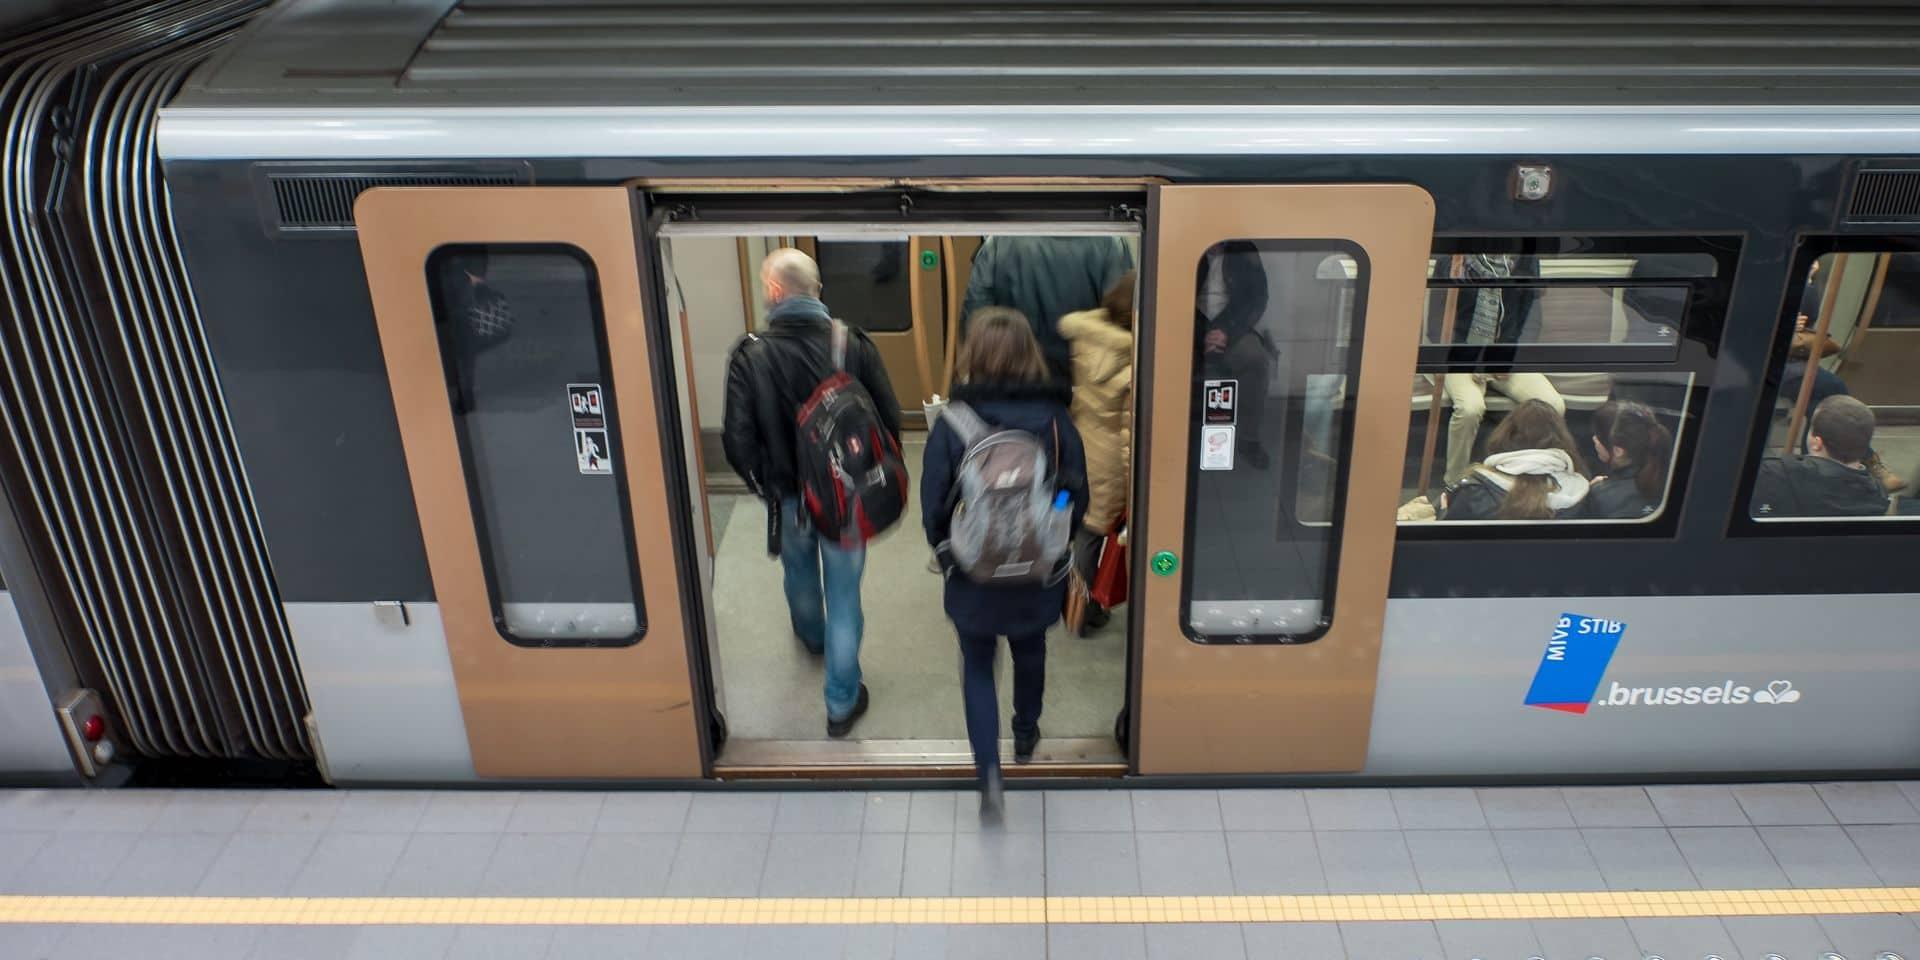 La Stib et l'Orchestre national de Belgique organisent un concert secret dans le métro